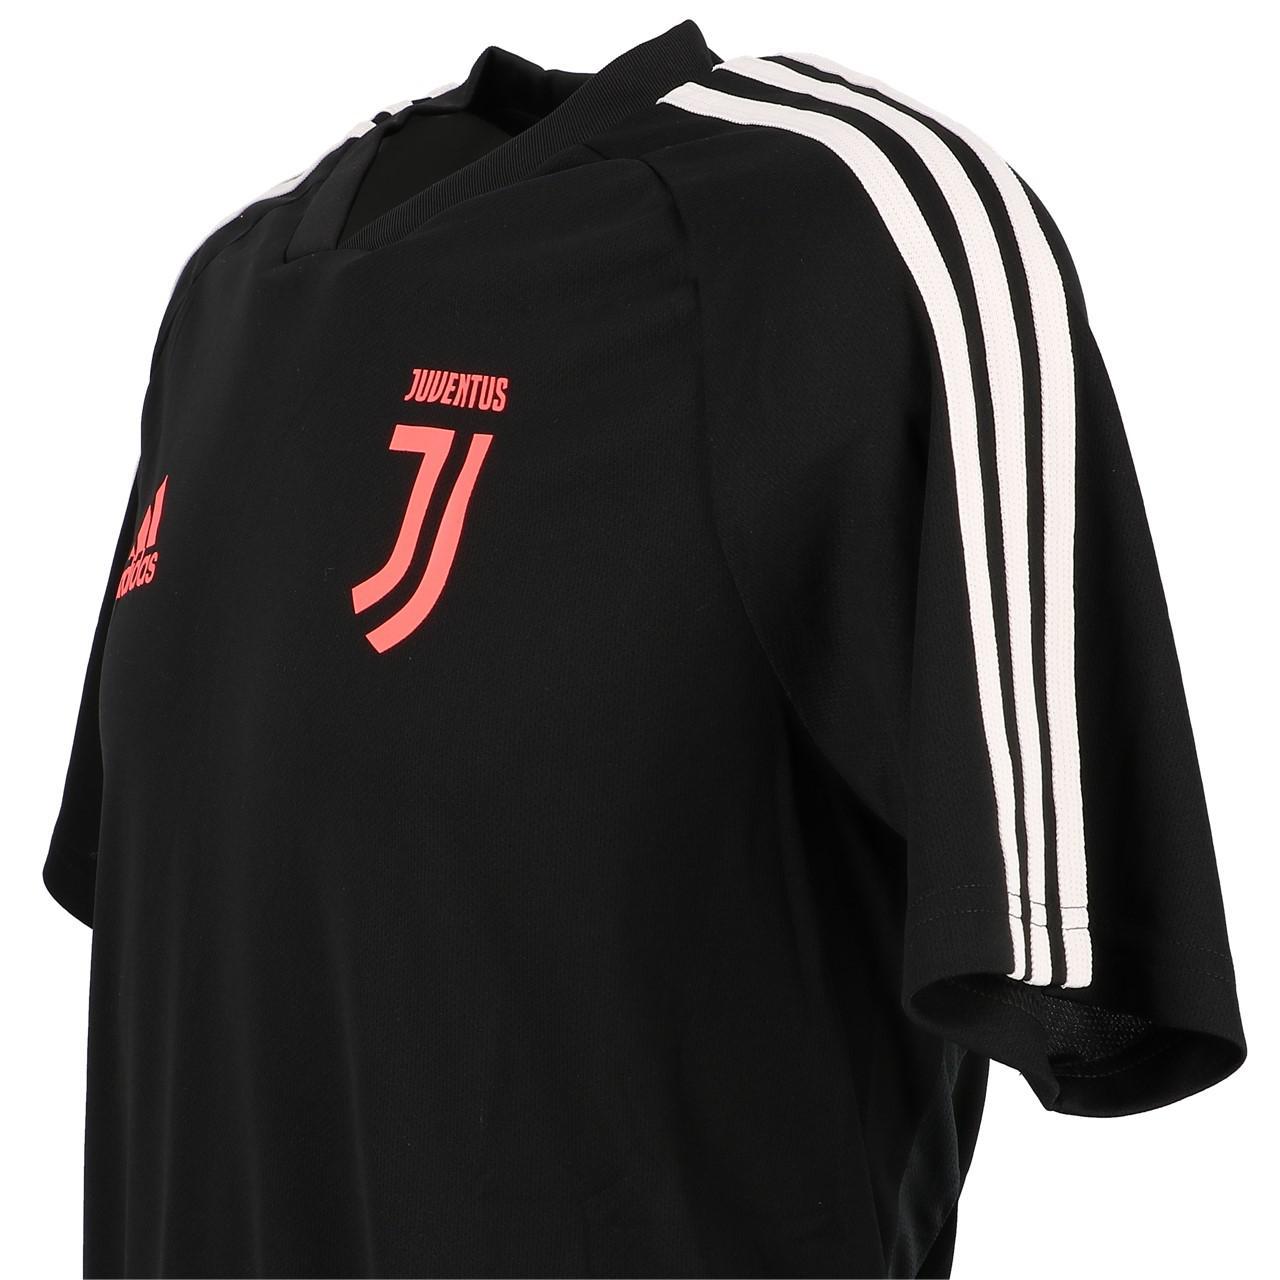 Détails sur Maillot de football Adidas Juventus maillot tr h Noir 53278 Neuf